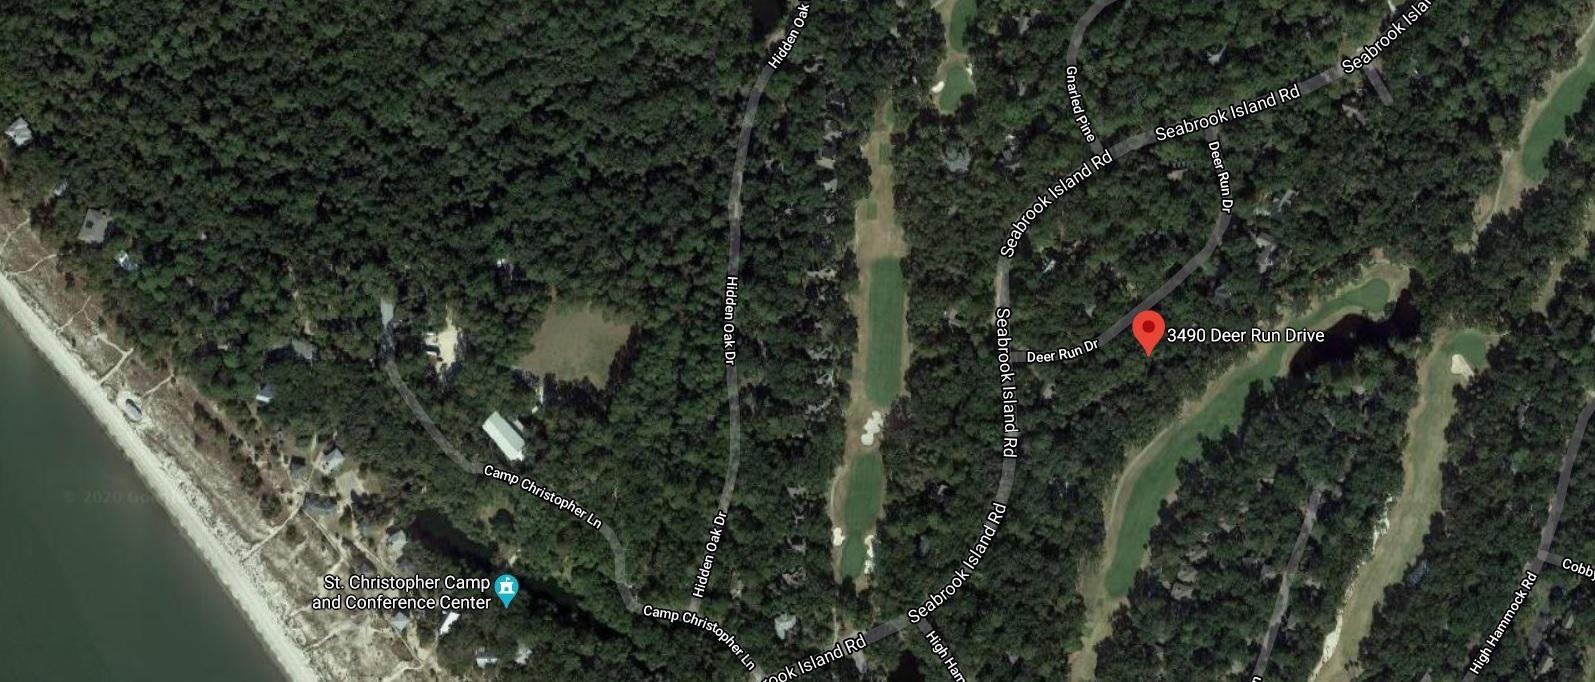 3490 Deer Run Drive Seabrook Island, SC 29455